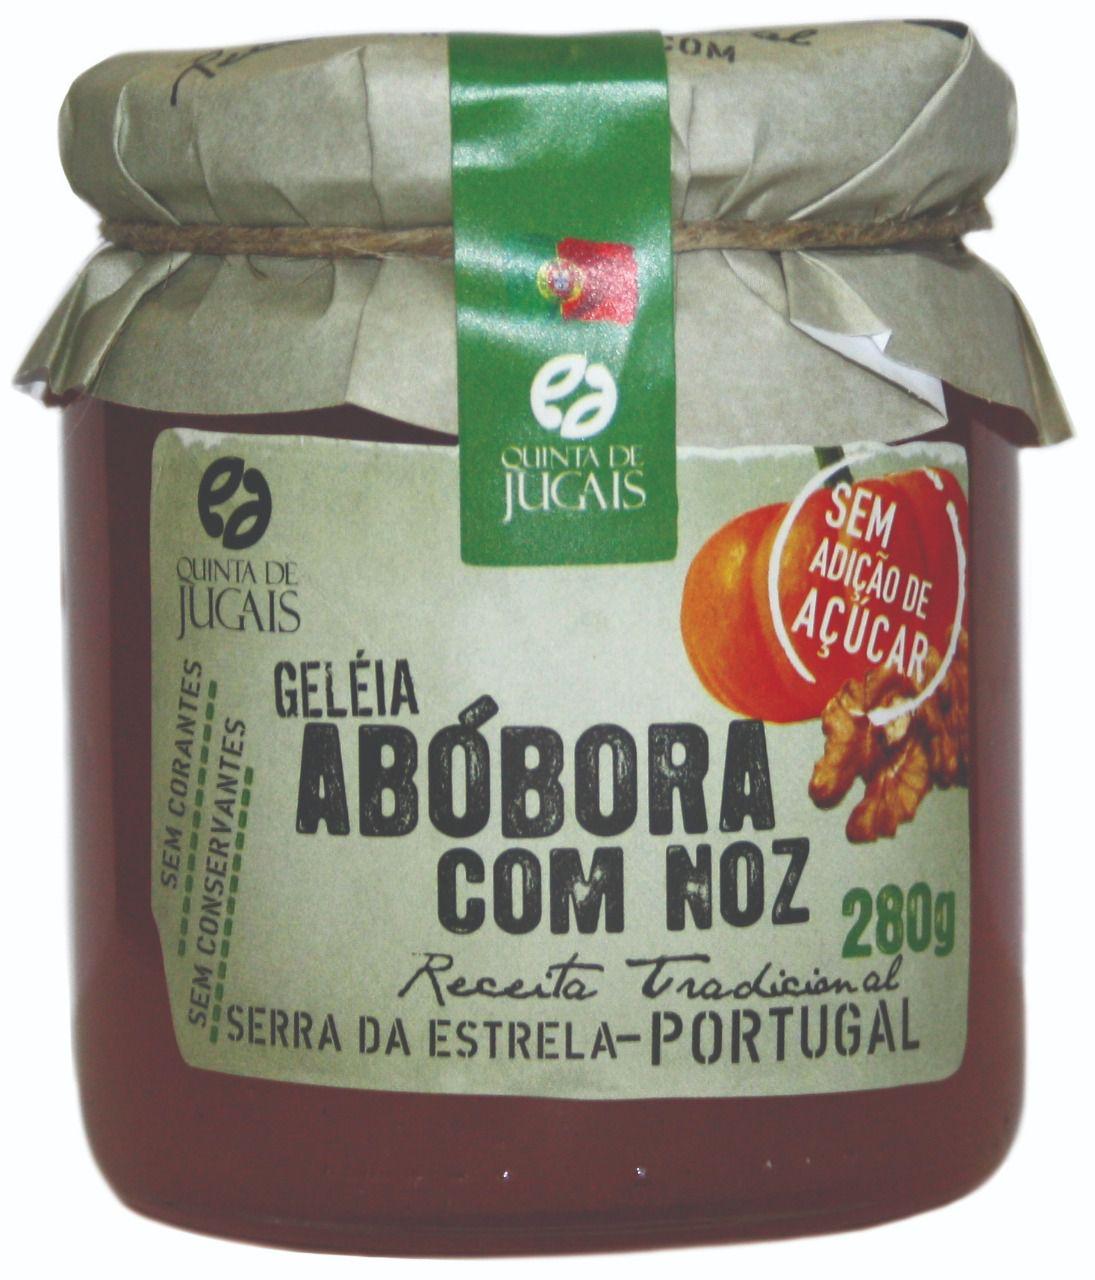 Geléia de Abóbora com Nozes Quinta de Jugais 280gr